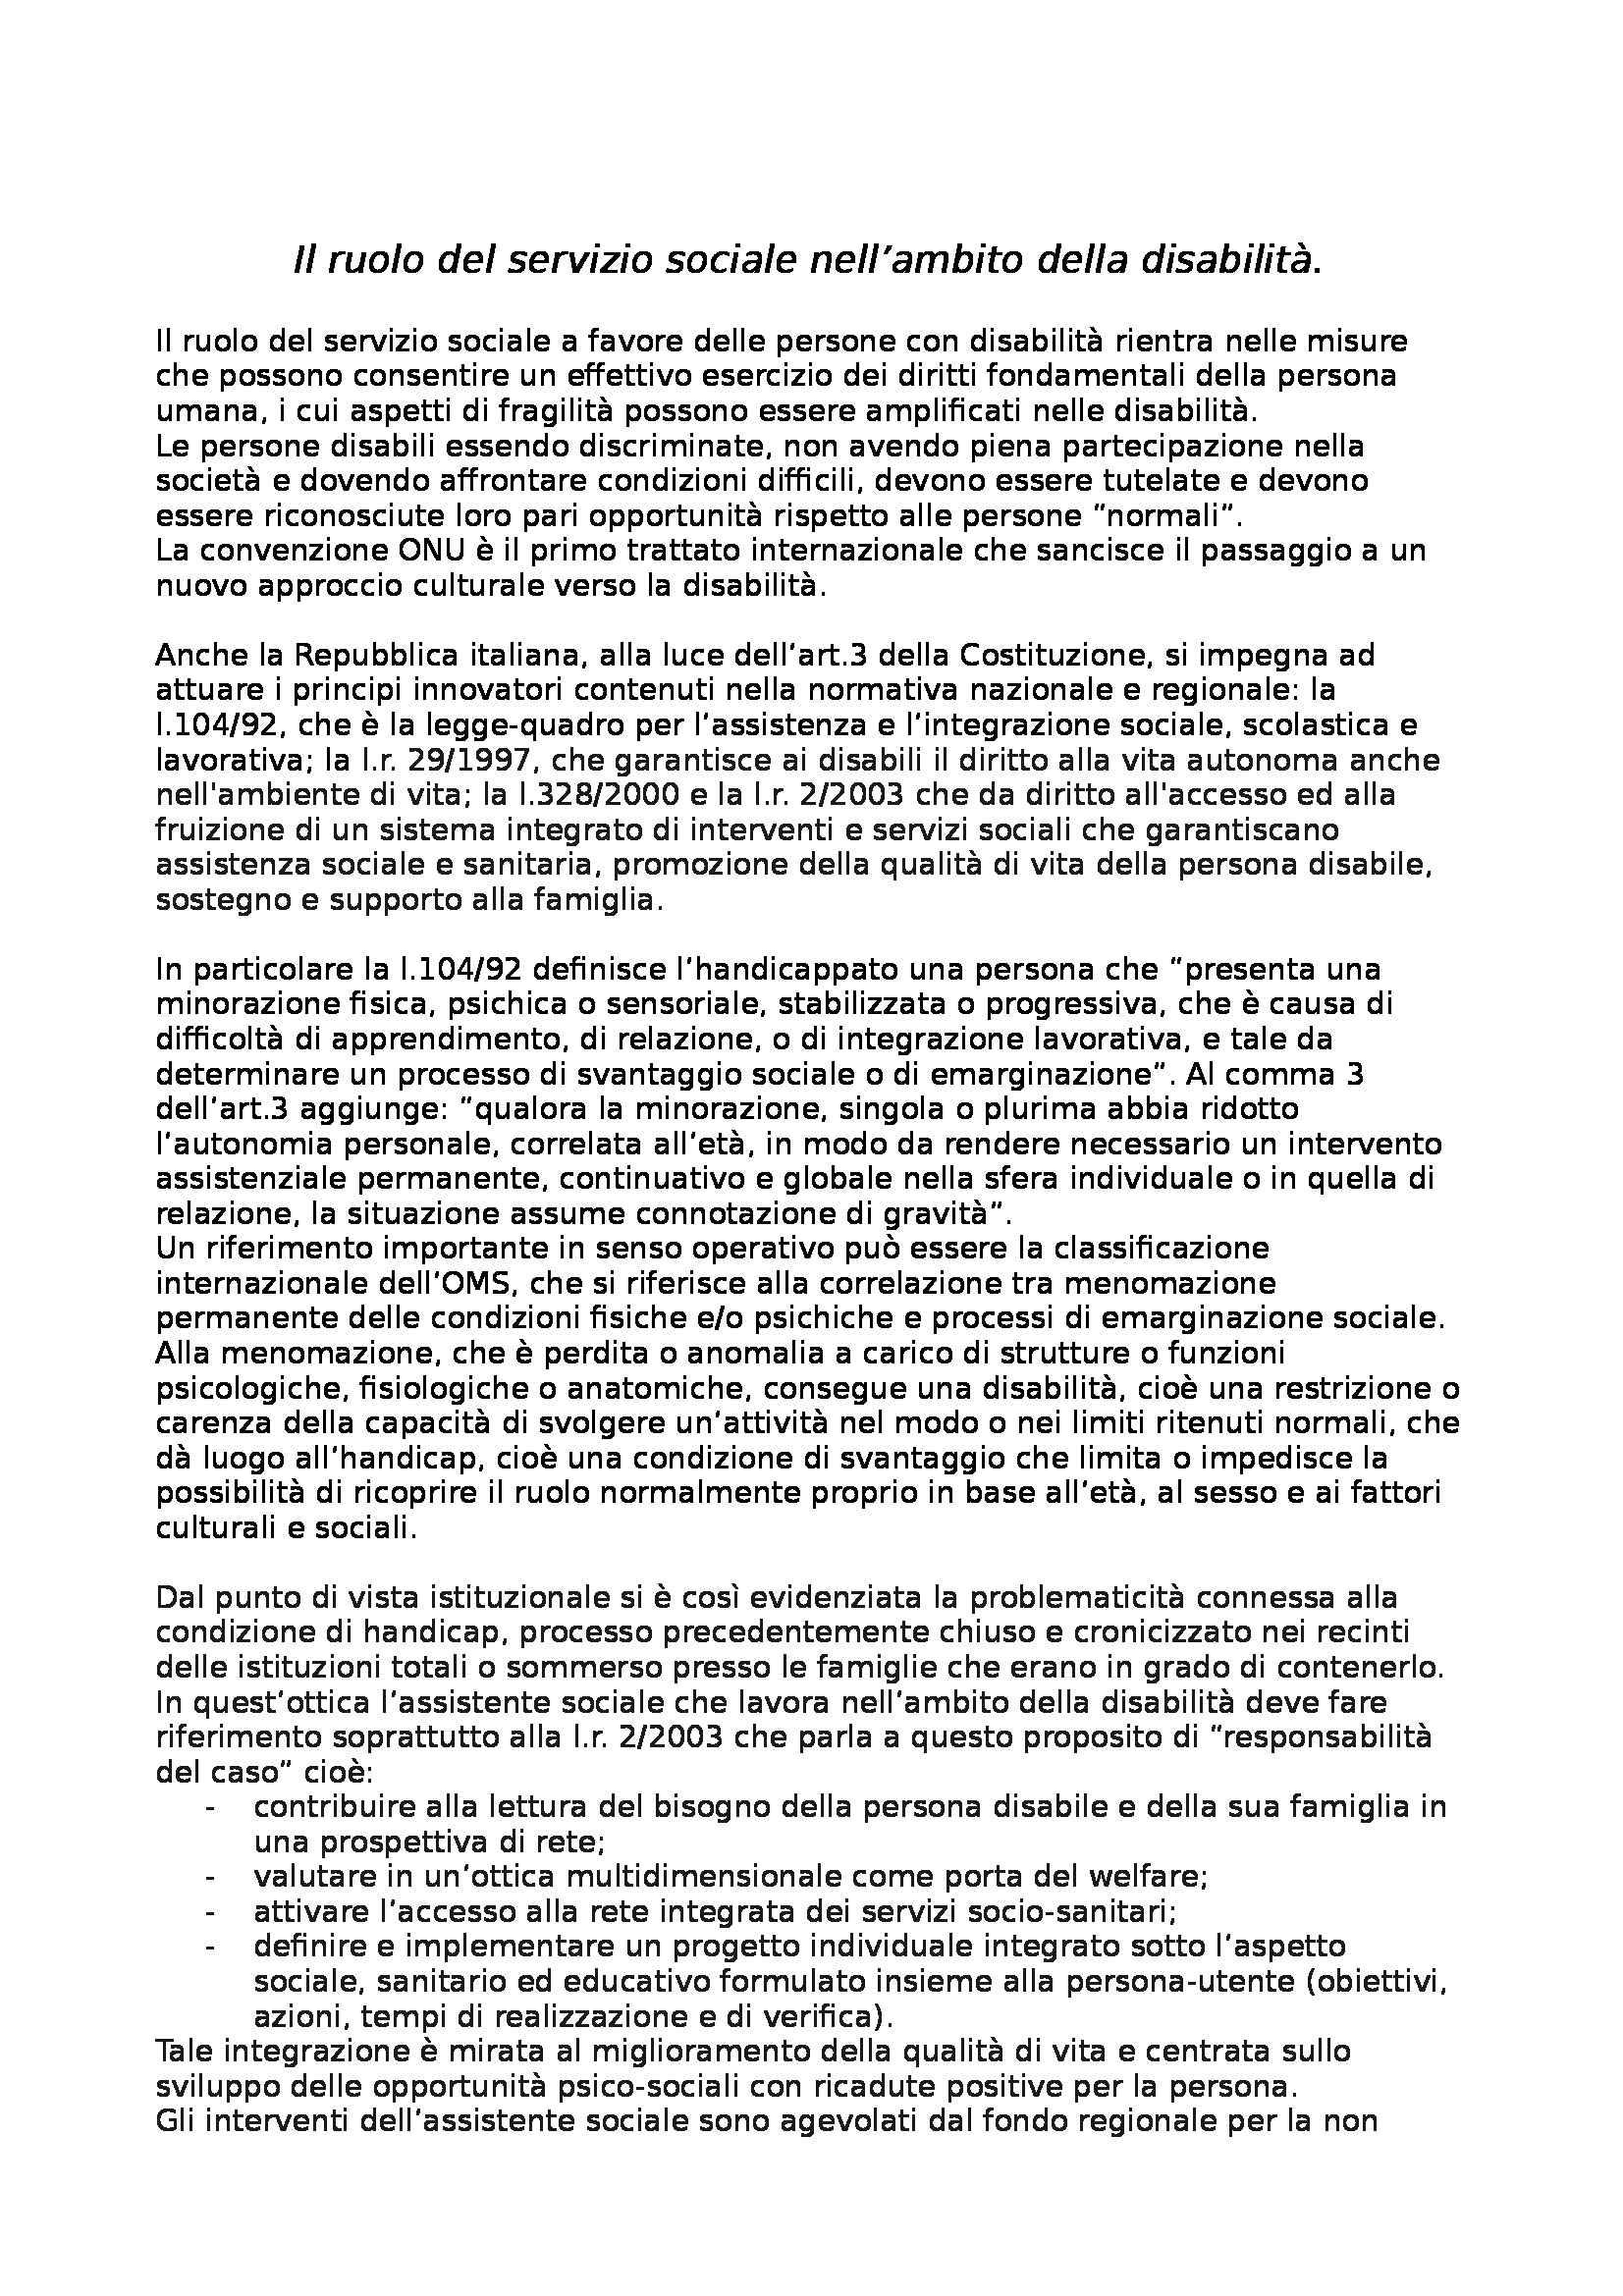 Principi e fondamenti del servizio sociale - relazione sulla disabilità